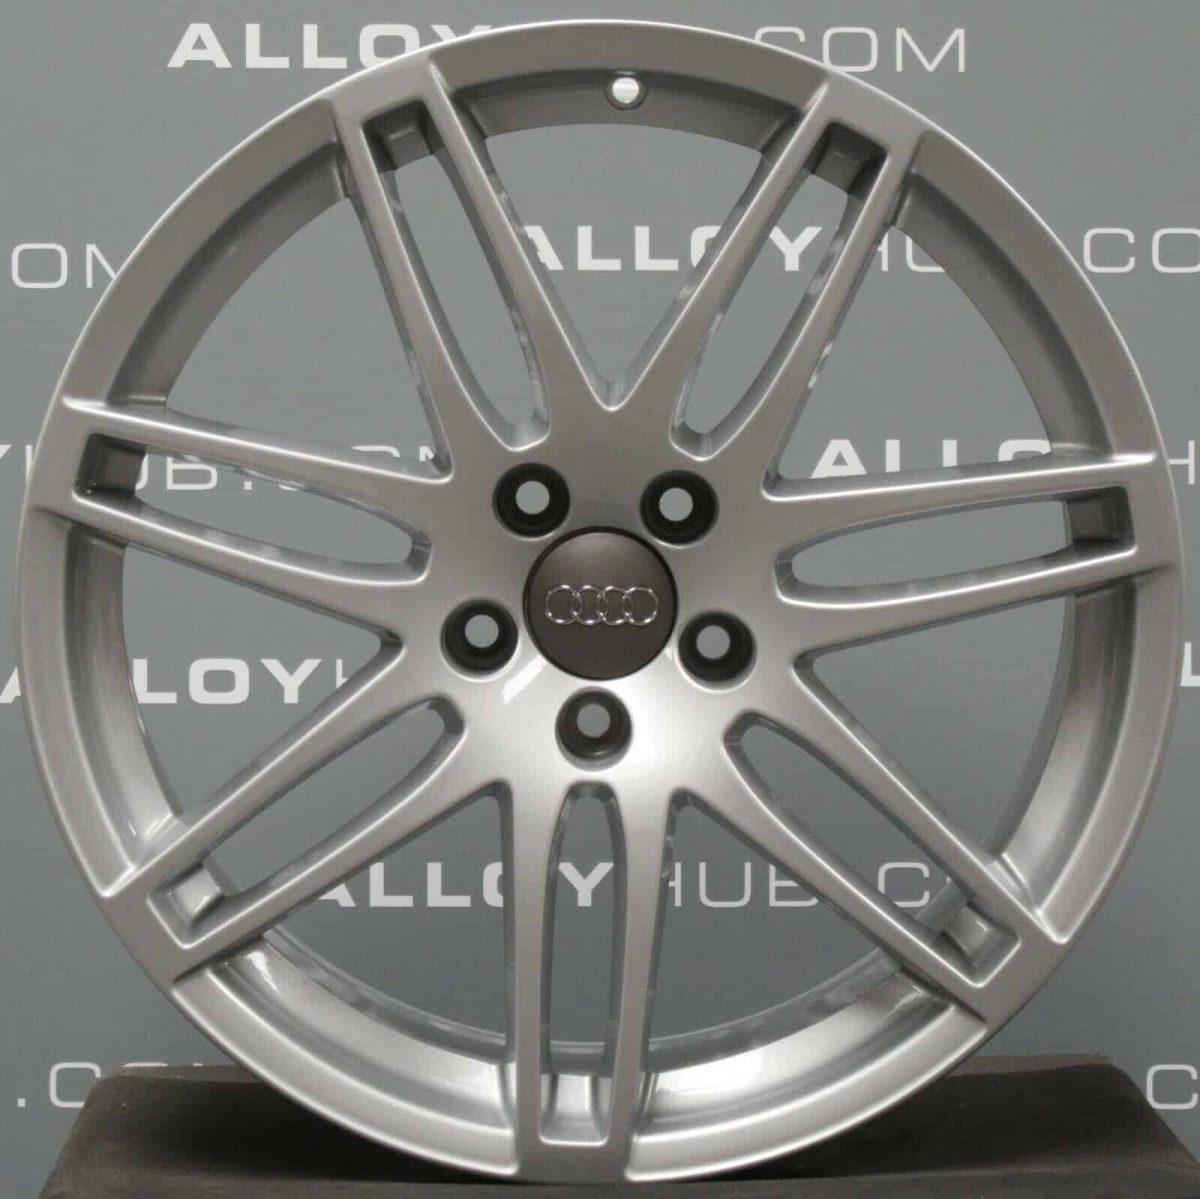 """Genuine Audi TT TTS MK2 8J 19"""" Inch 7 Double Spoke S-Line Alloy Wheels with Silver Finish 8J0 601 025 N"""